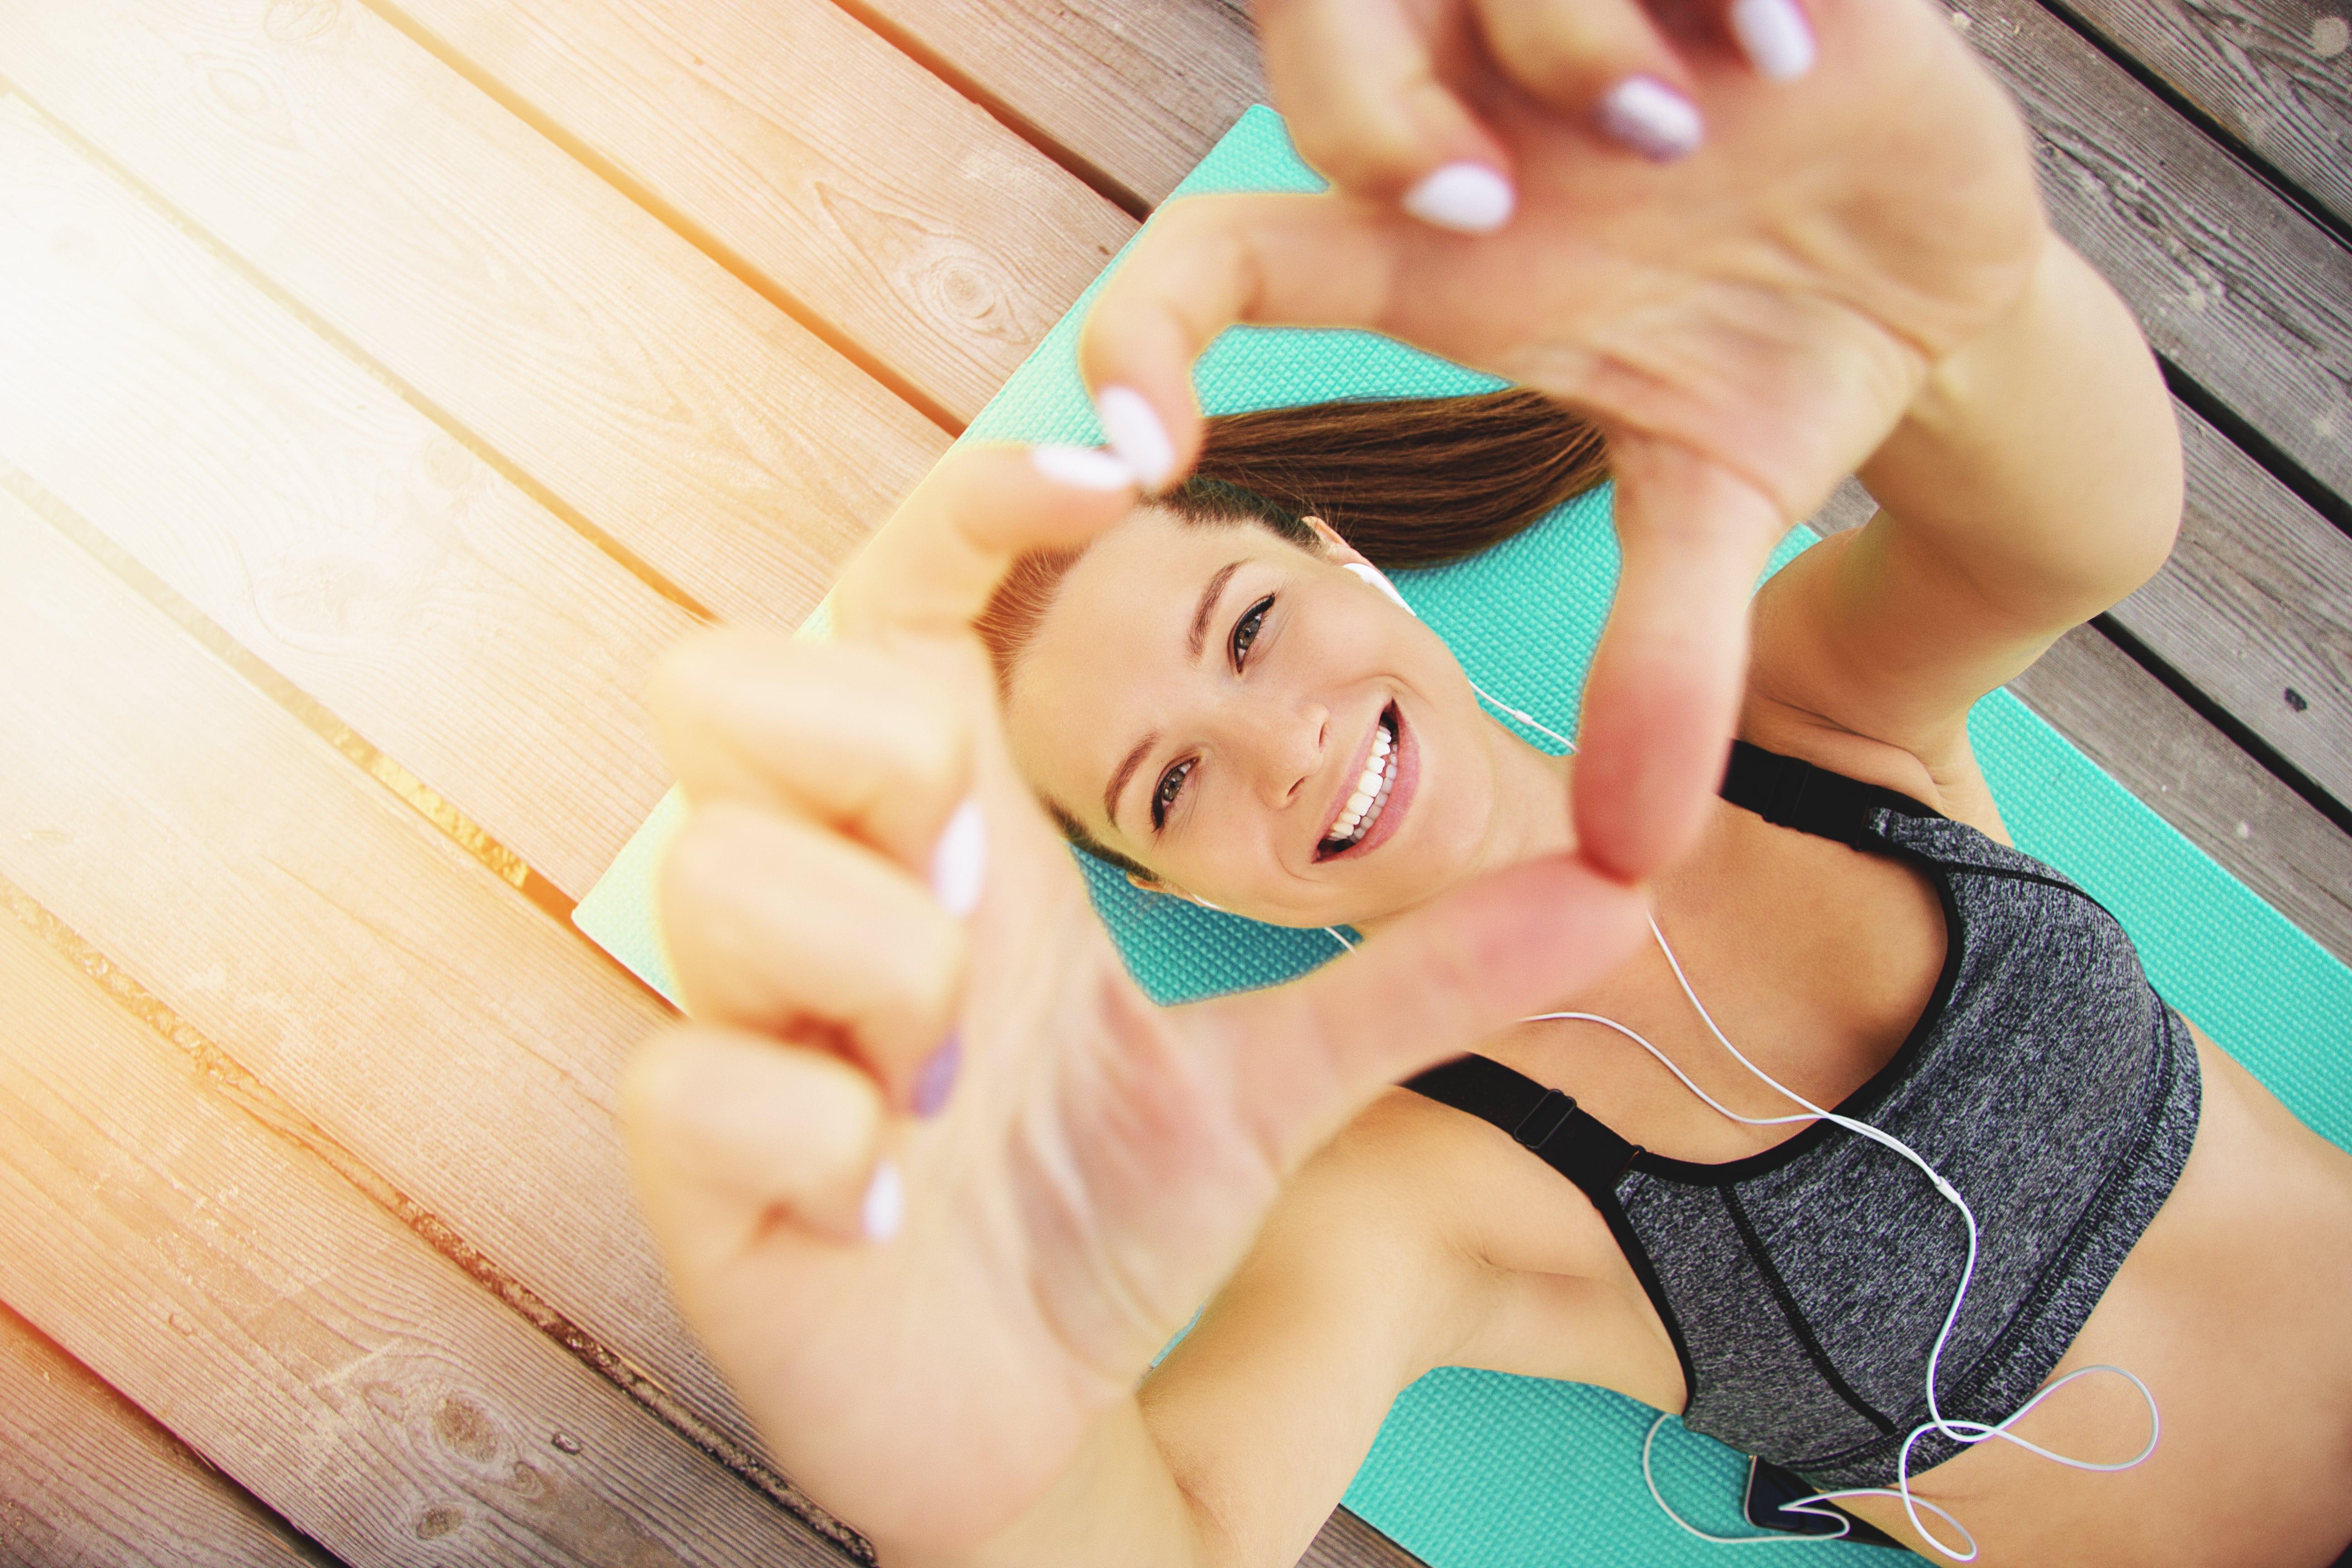 mujer tumbada en el suelo haciendo deporte en una esterilla de yoga o zumba con los brazos levantadoshaciendo la forma de un corazón con los dedos